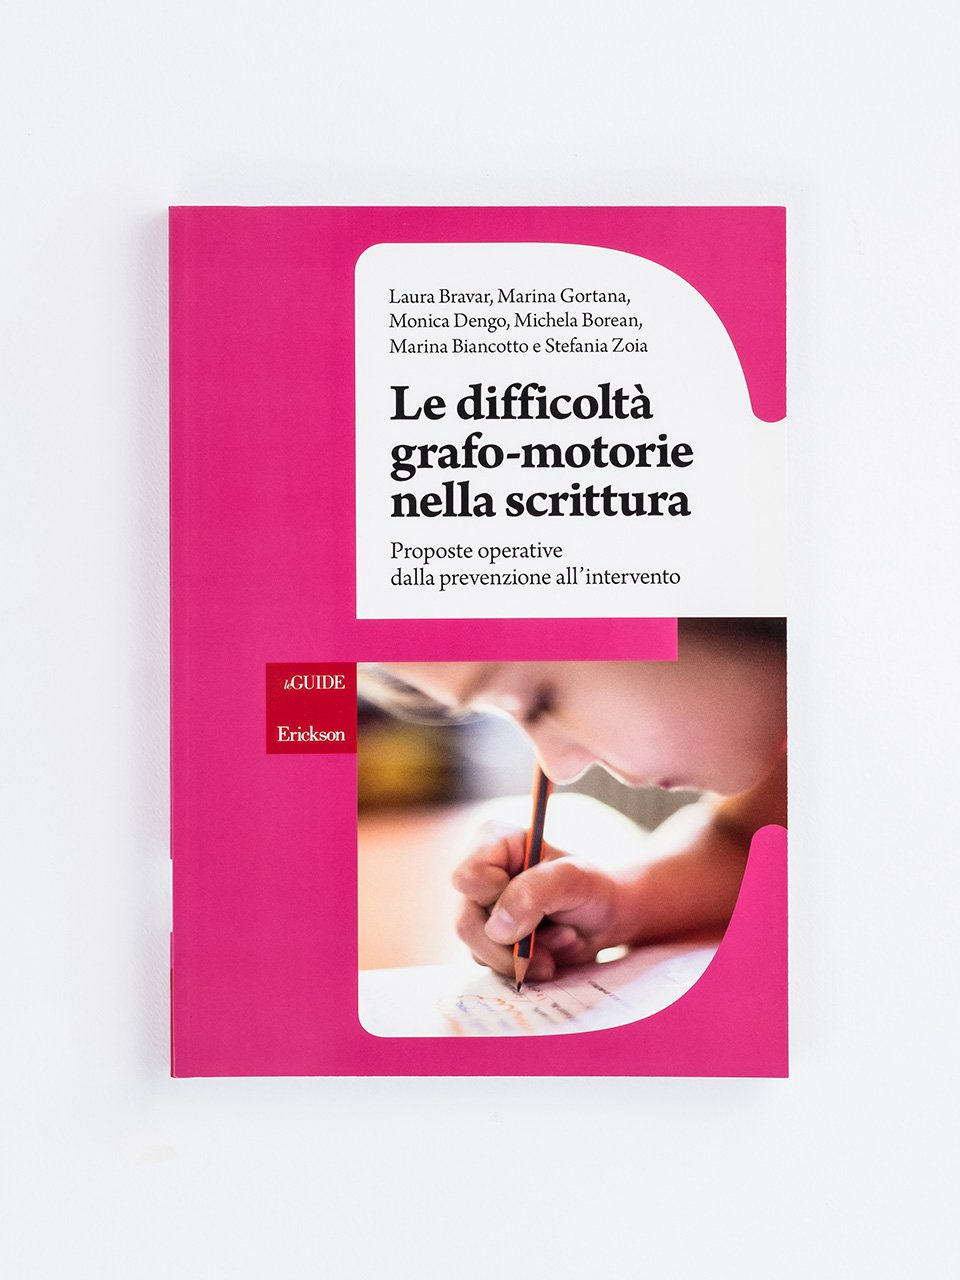 Le difficoltà grafo-motorie nella scrittura - La paura delle malattie - Libri - Erickson